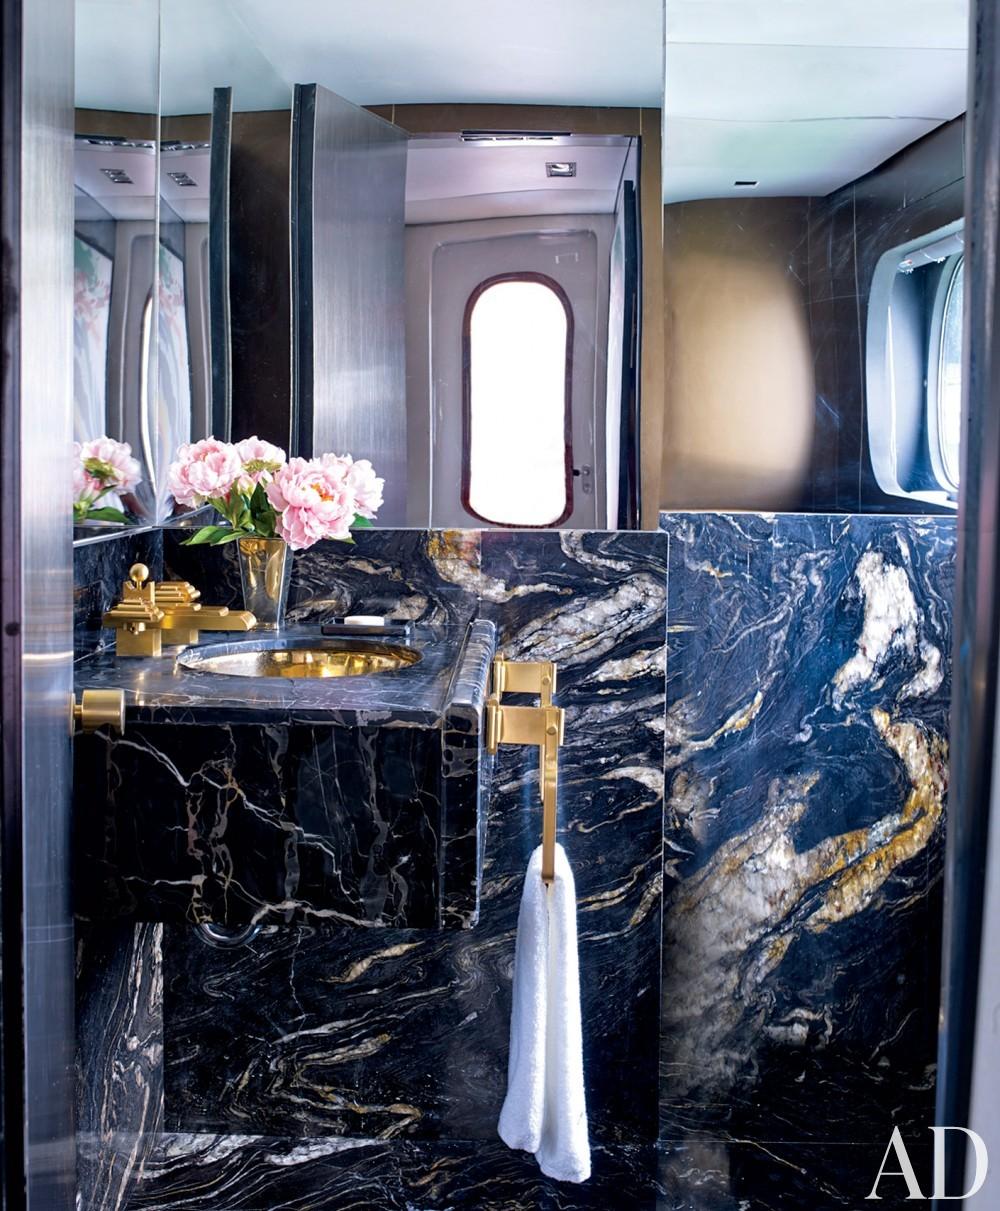 Modern Bathroom by Joanne de Guardiola and Jon Bannenberg